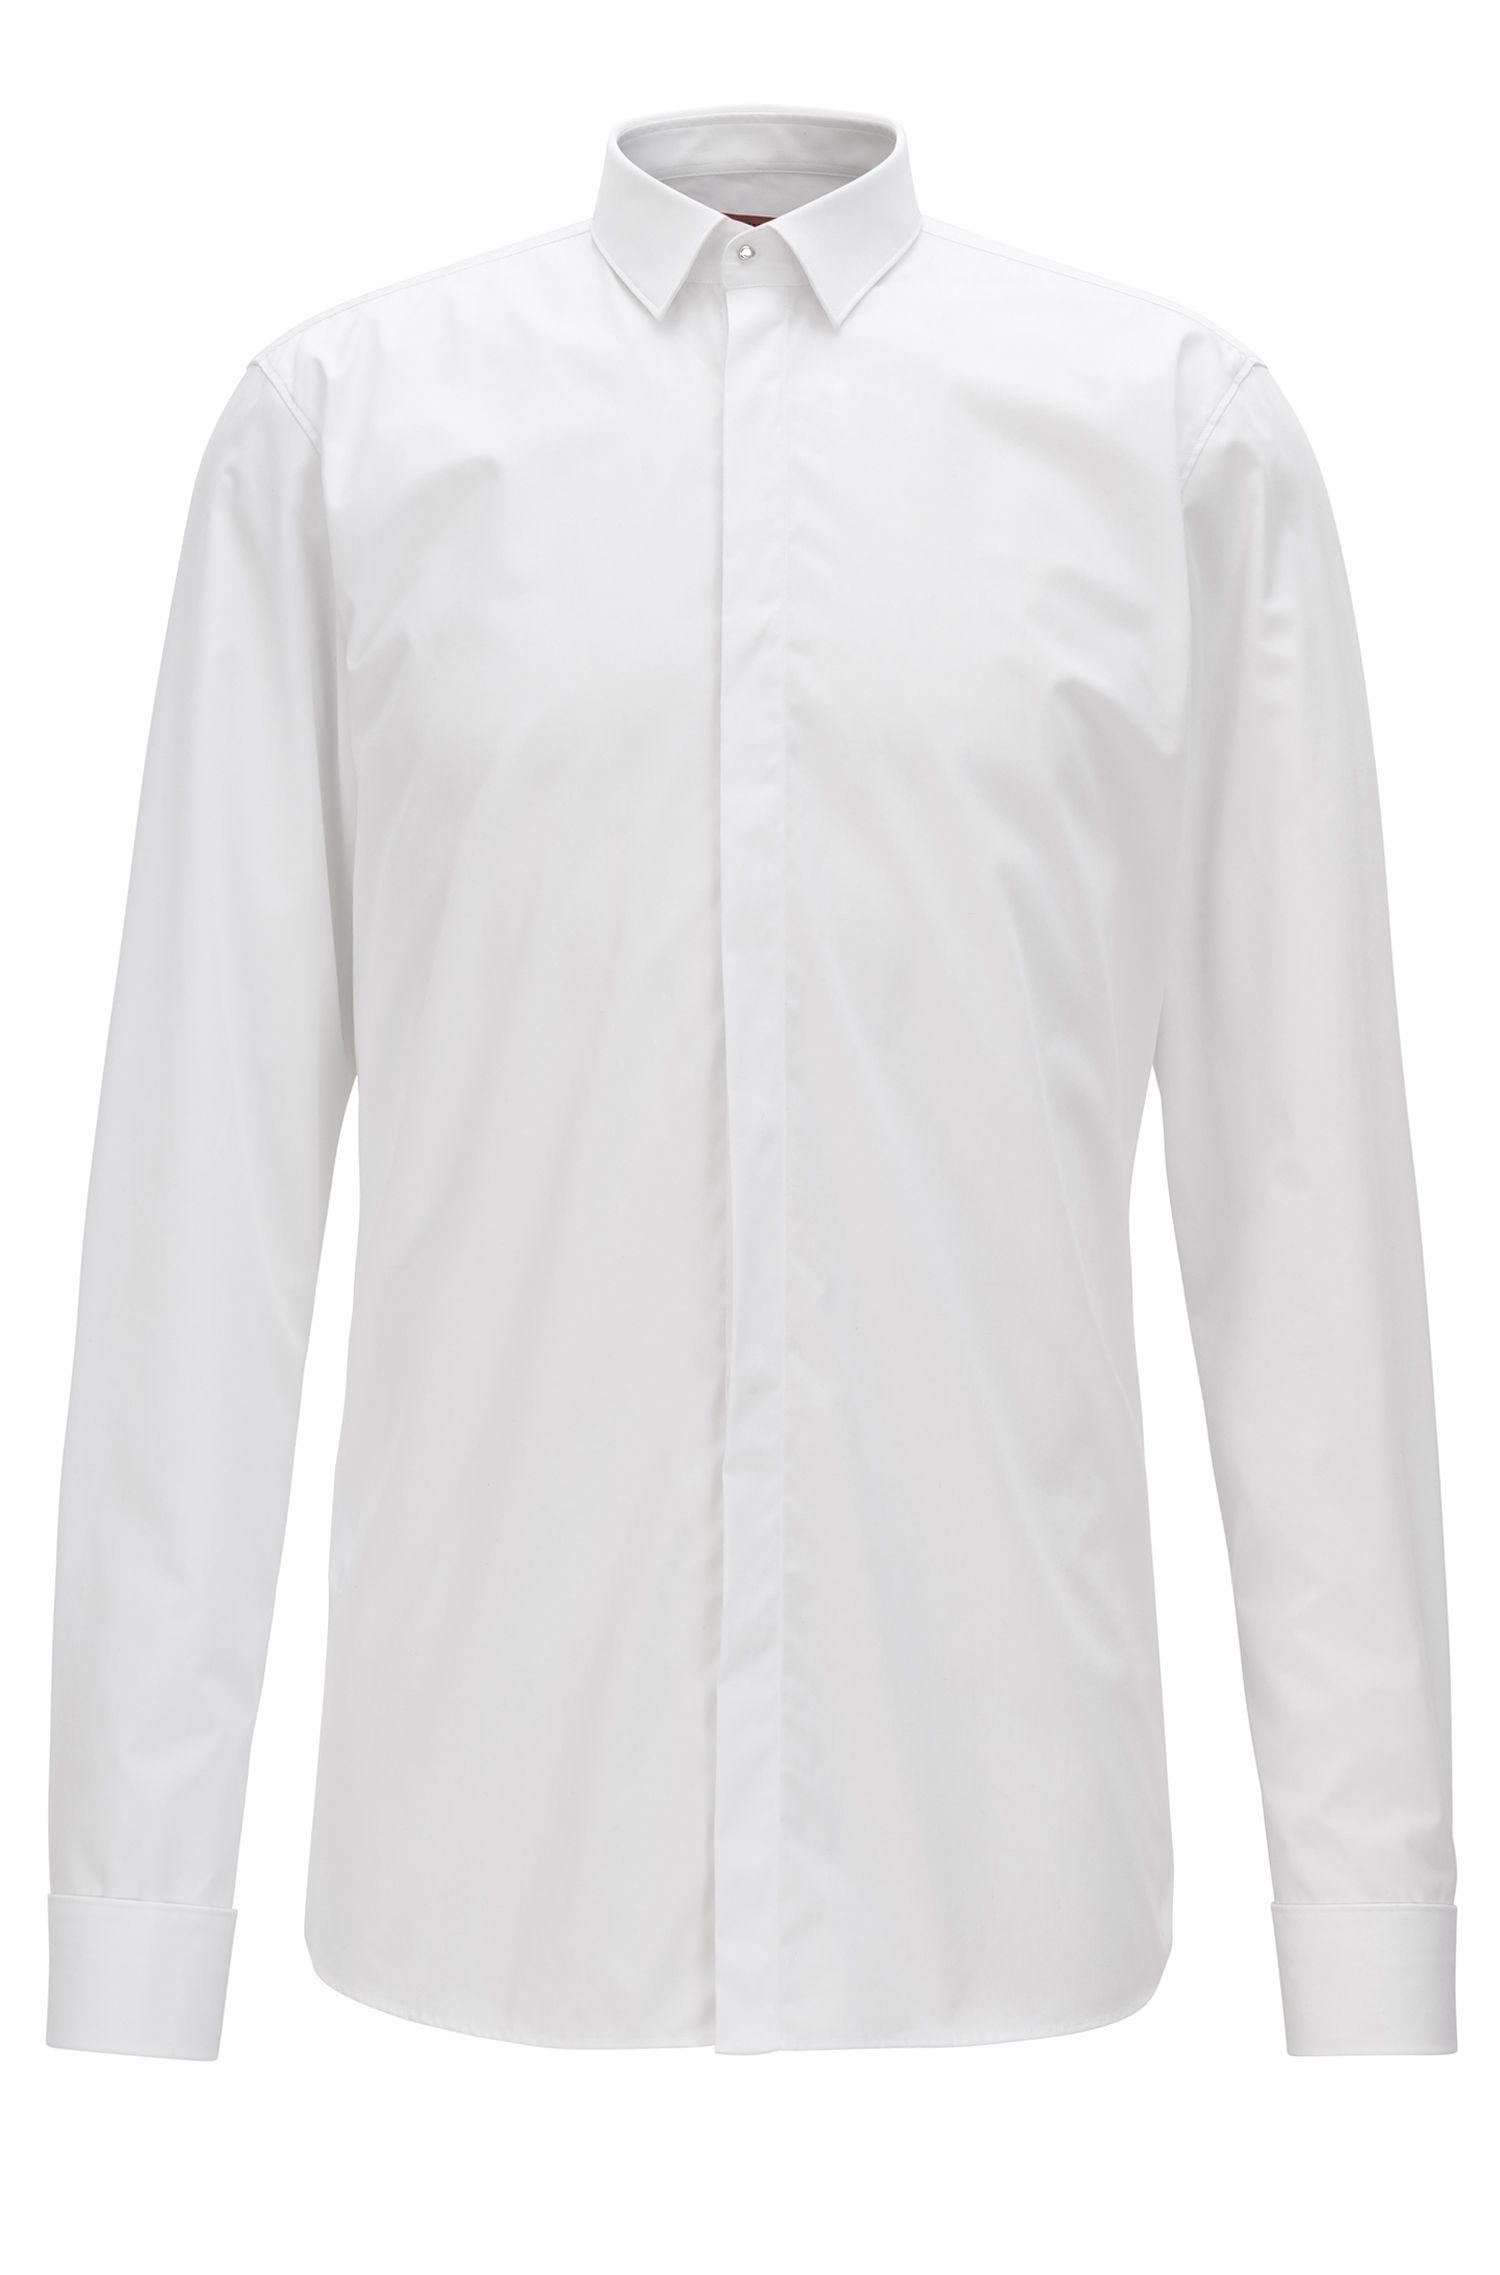 Chemise Extra Slim Fit en coton avec patte de boutonnage dissimulée